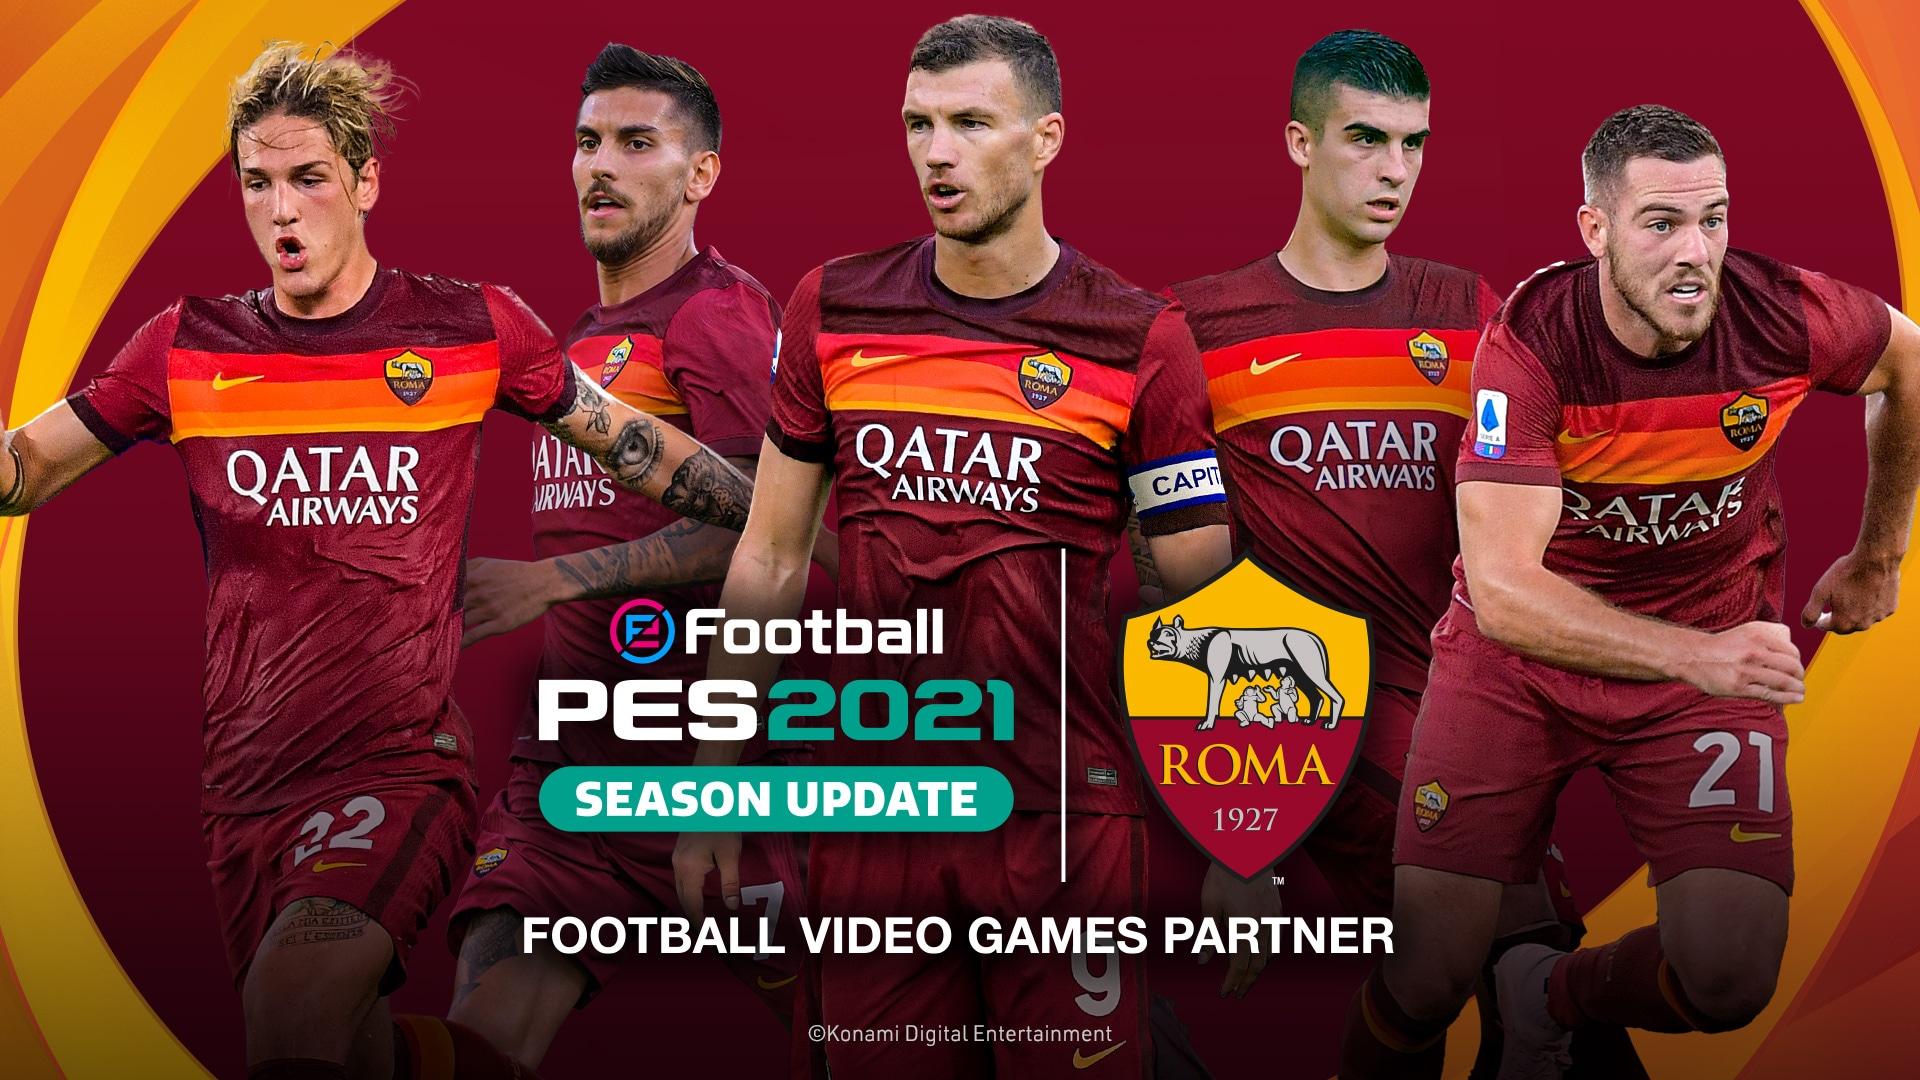 PES2021_AS-ROMA_5-Players_Photo-Visual